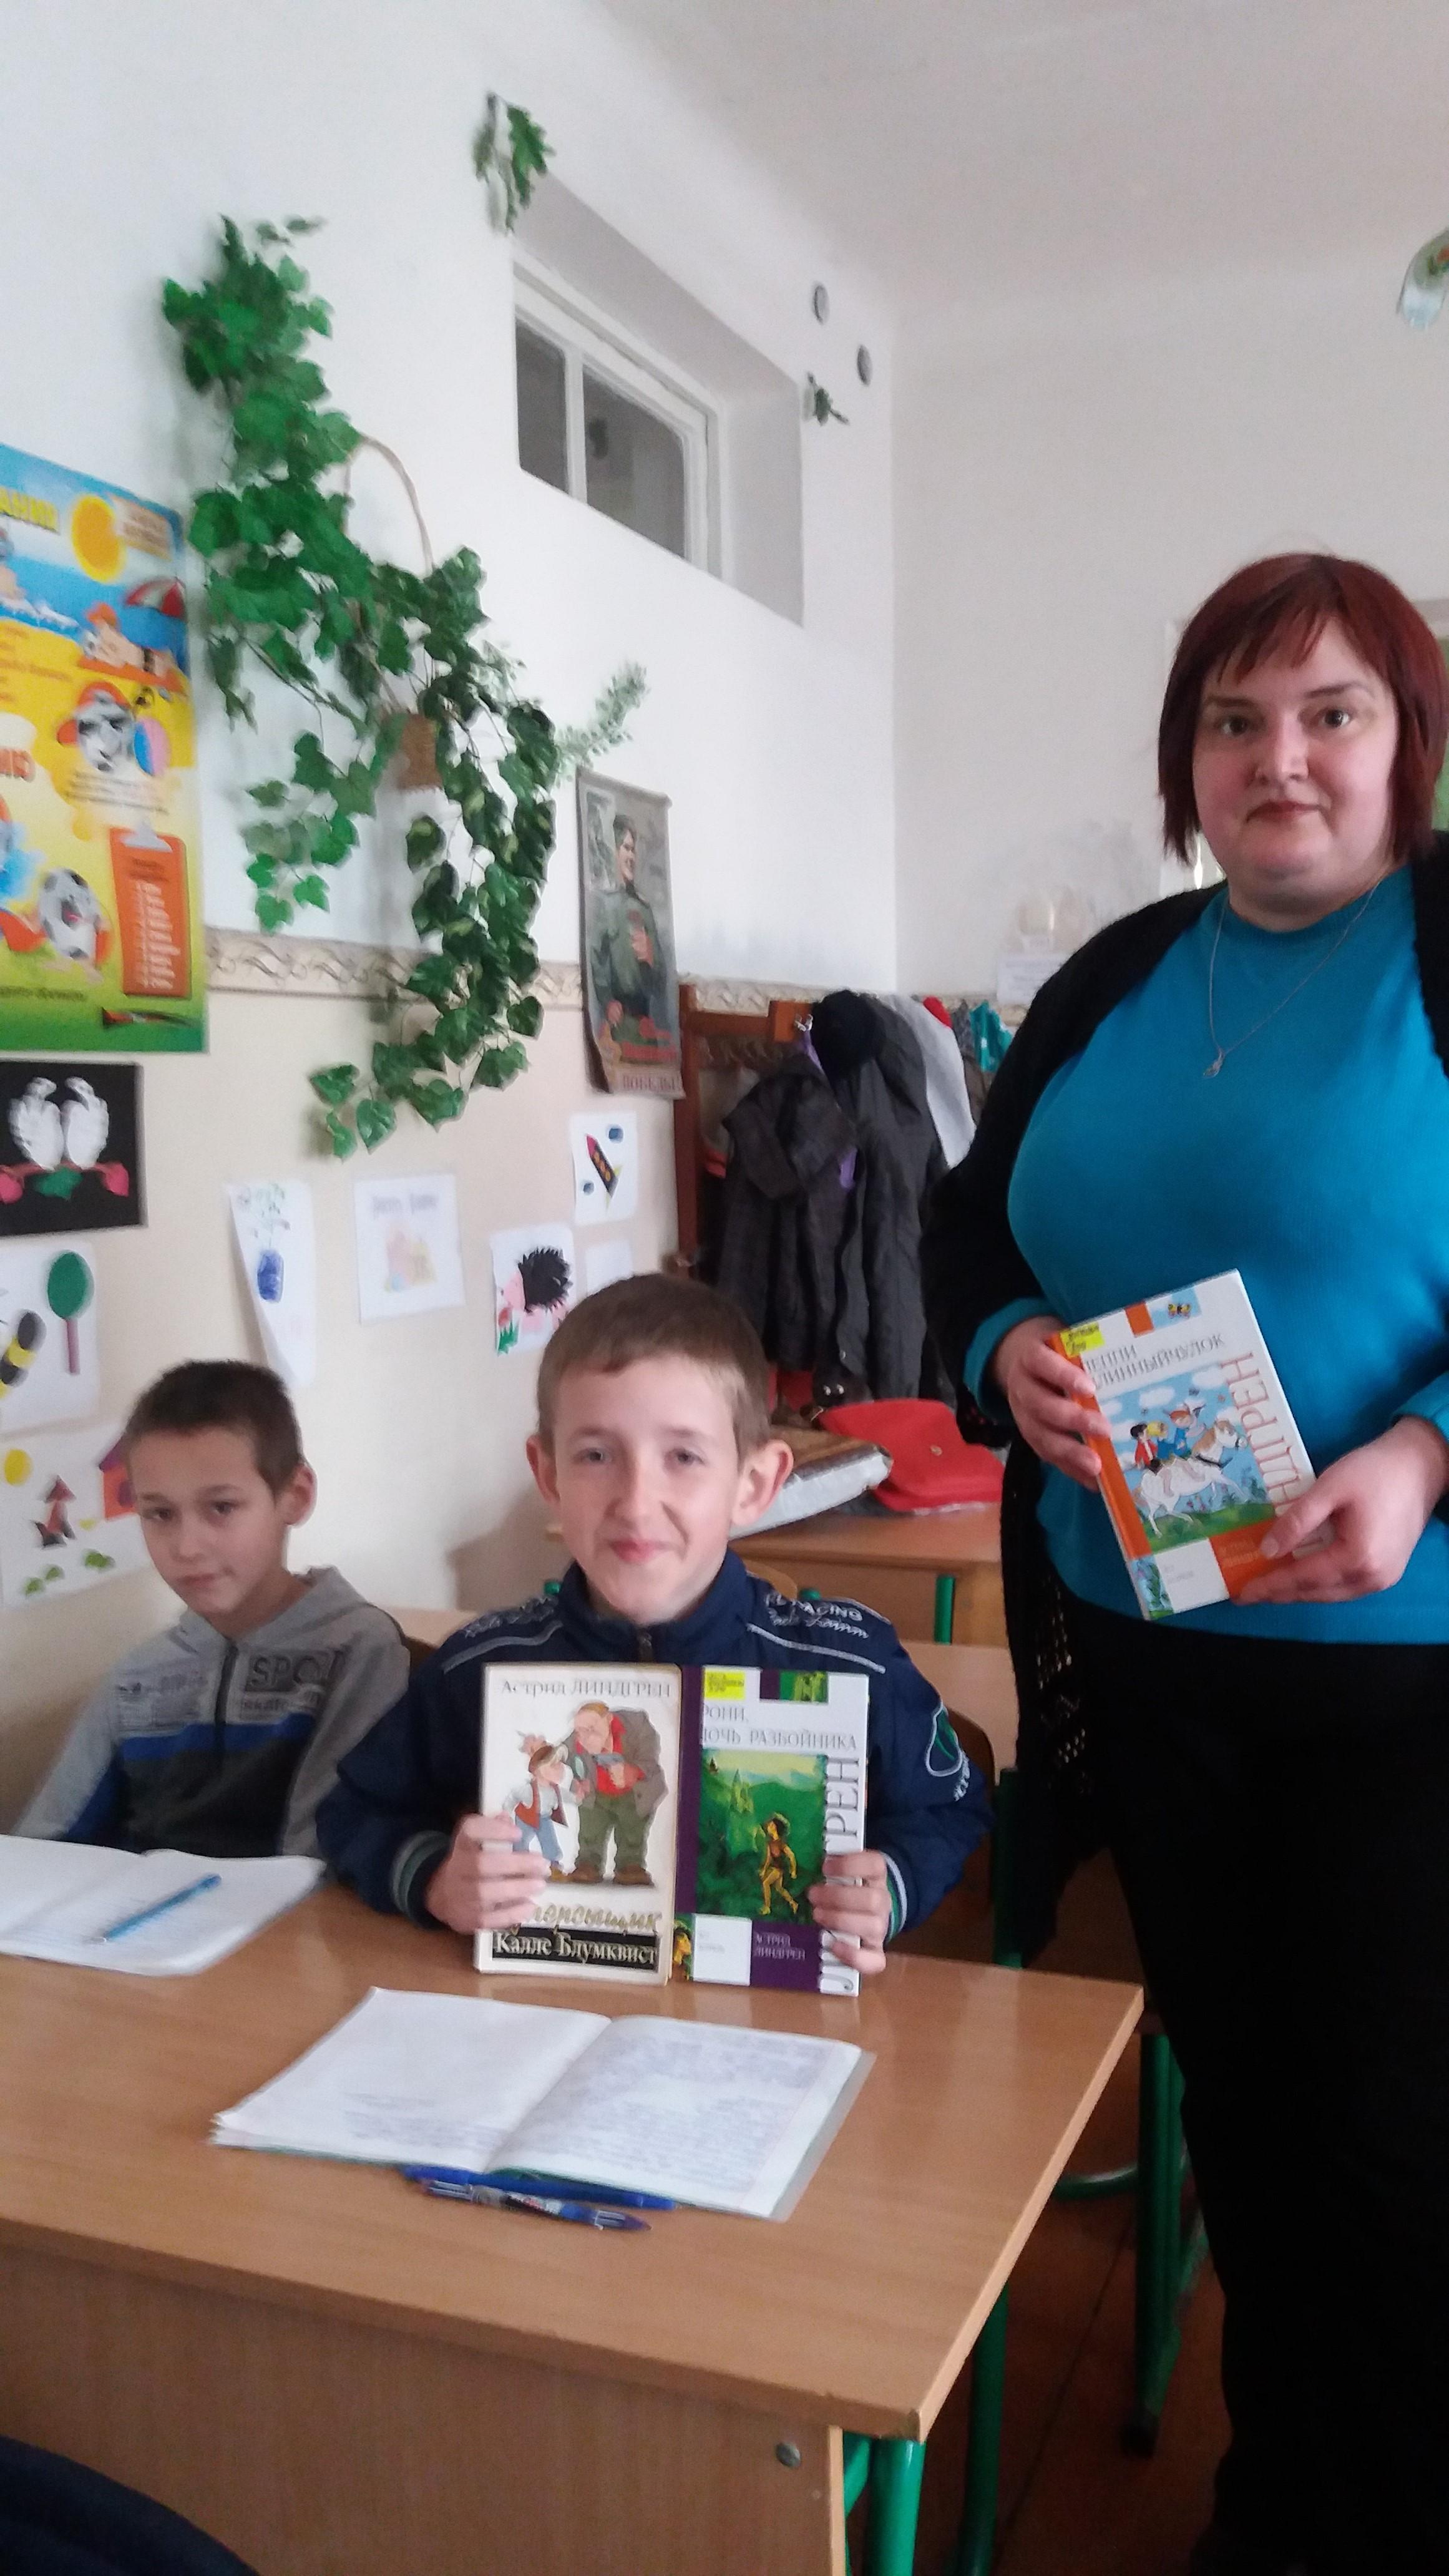 викторина для детей, астрид линдгрен, донецкая республиканкая библиотека для детей, отдел внестационарного обслуживания